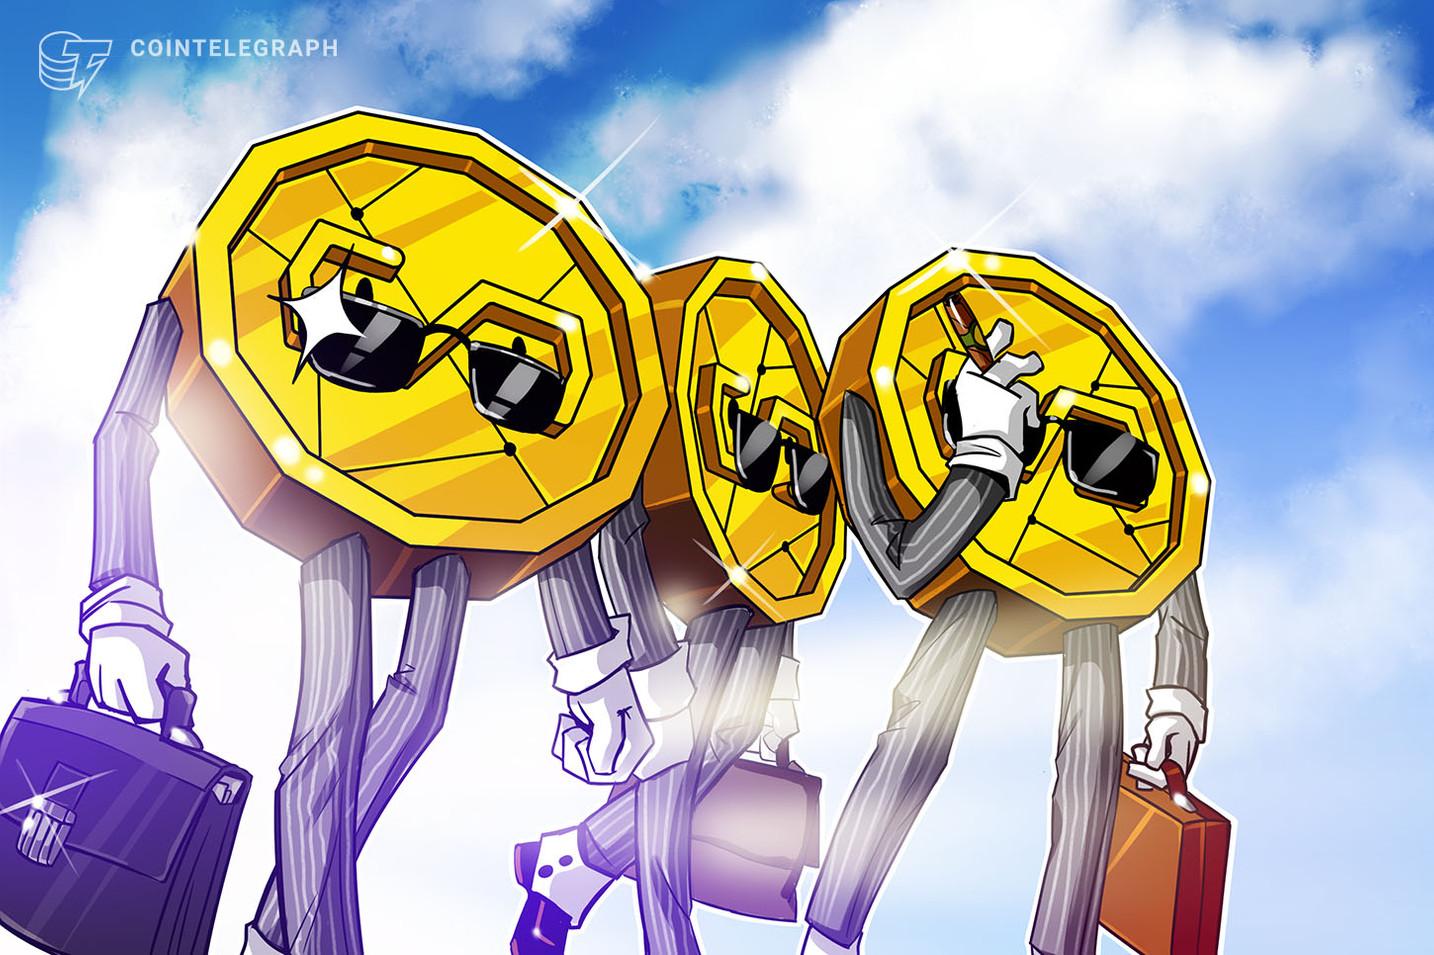 Los exchanges de Bitcoin han registrado depósitos masivos de la stablecoin Tether